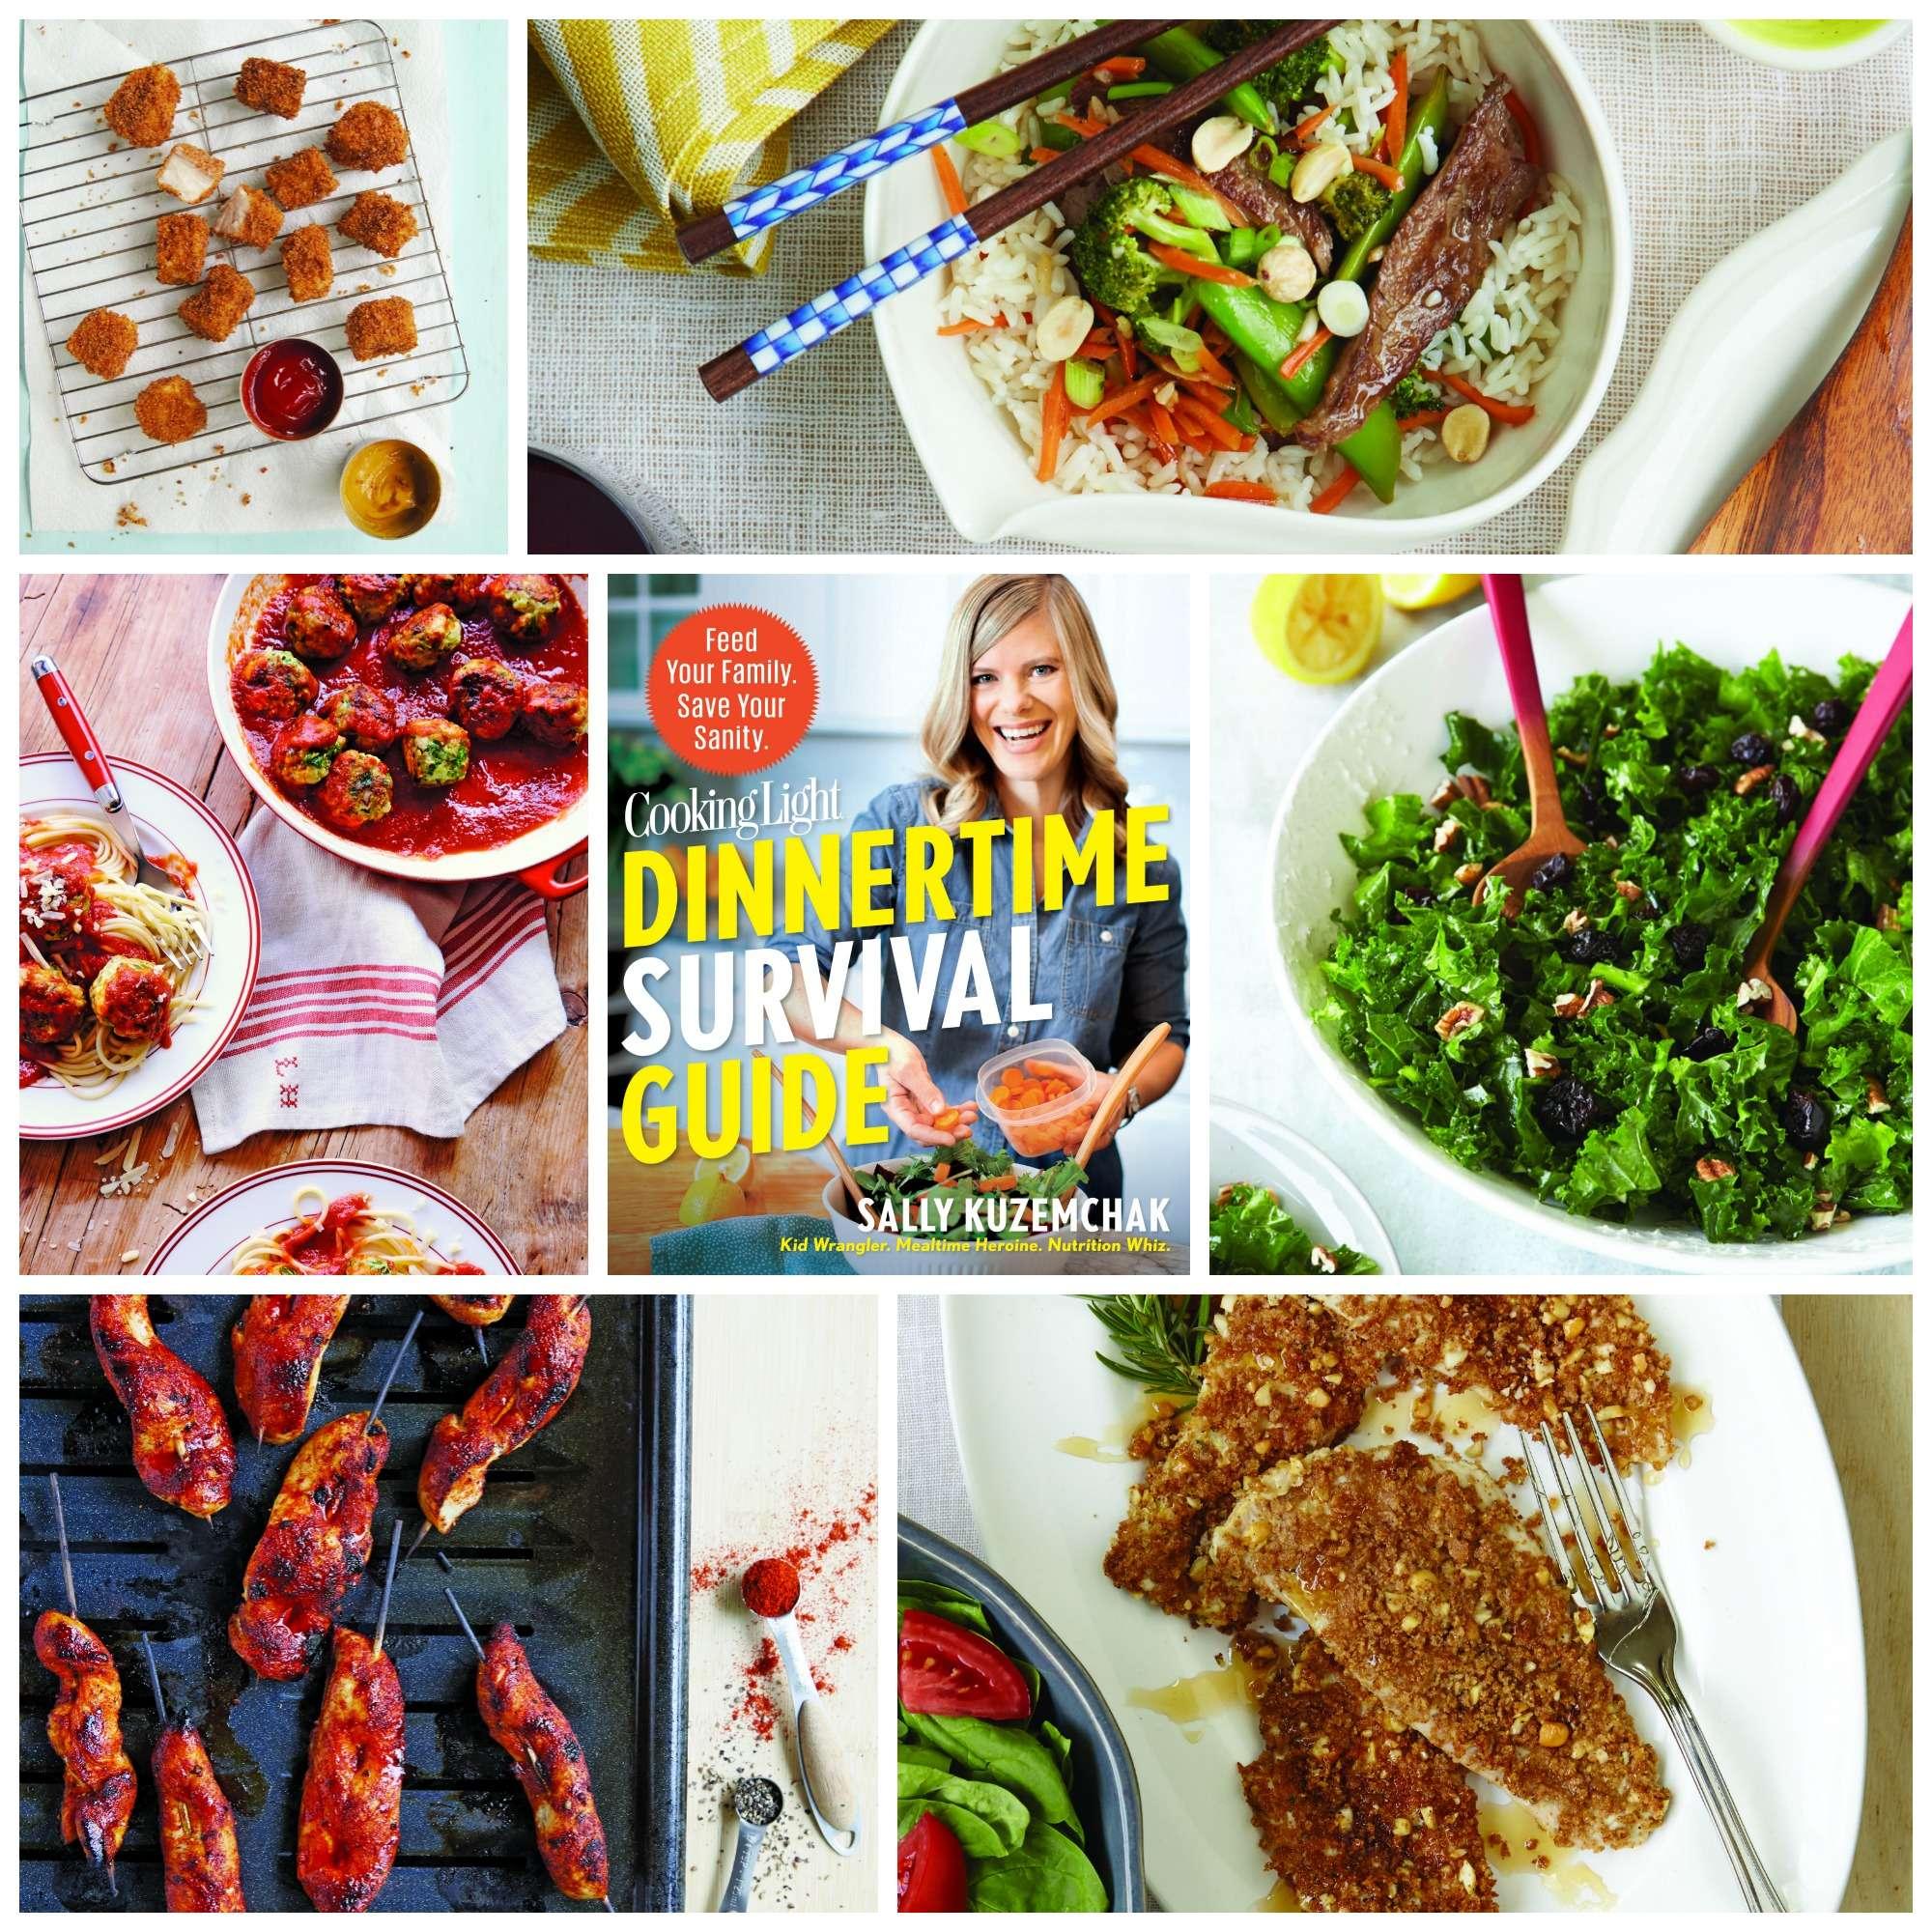 Dinnertime Survival Guide by Sally Kuzemchak